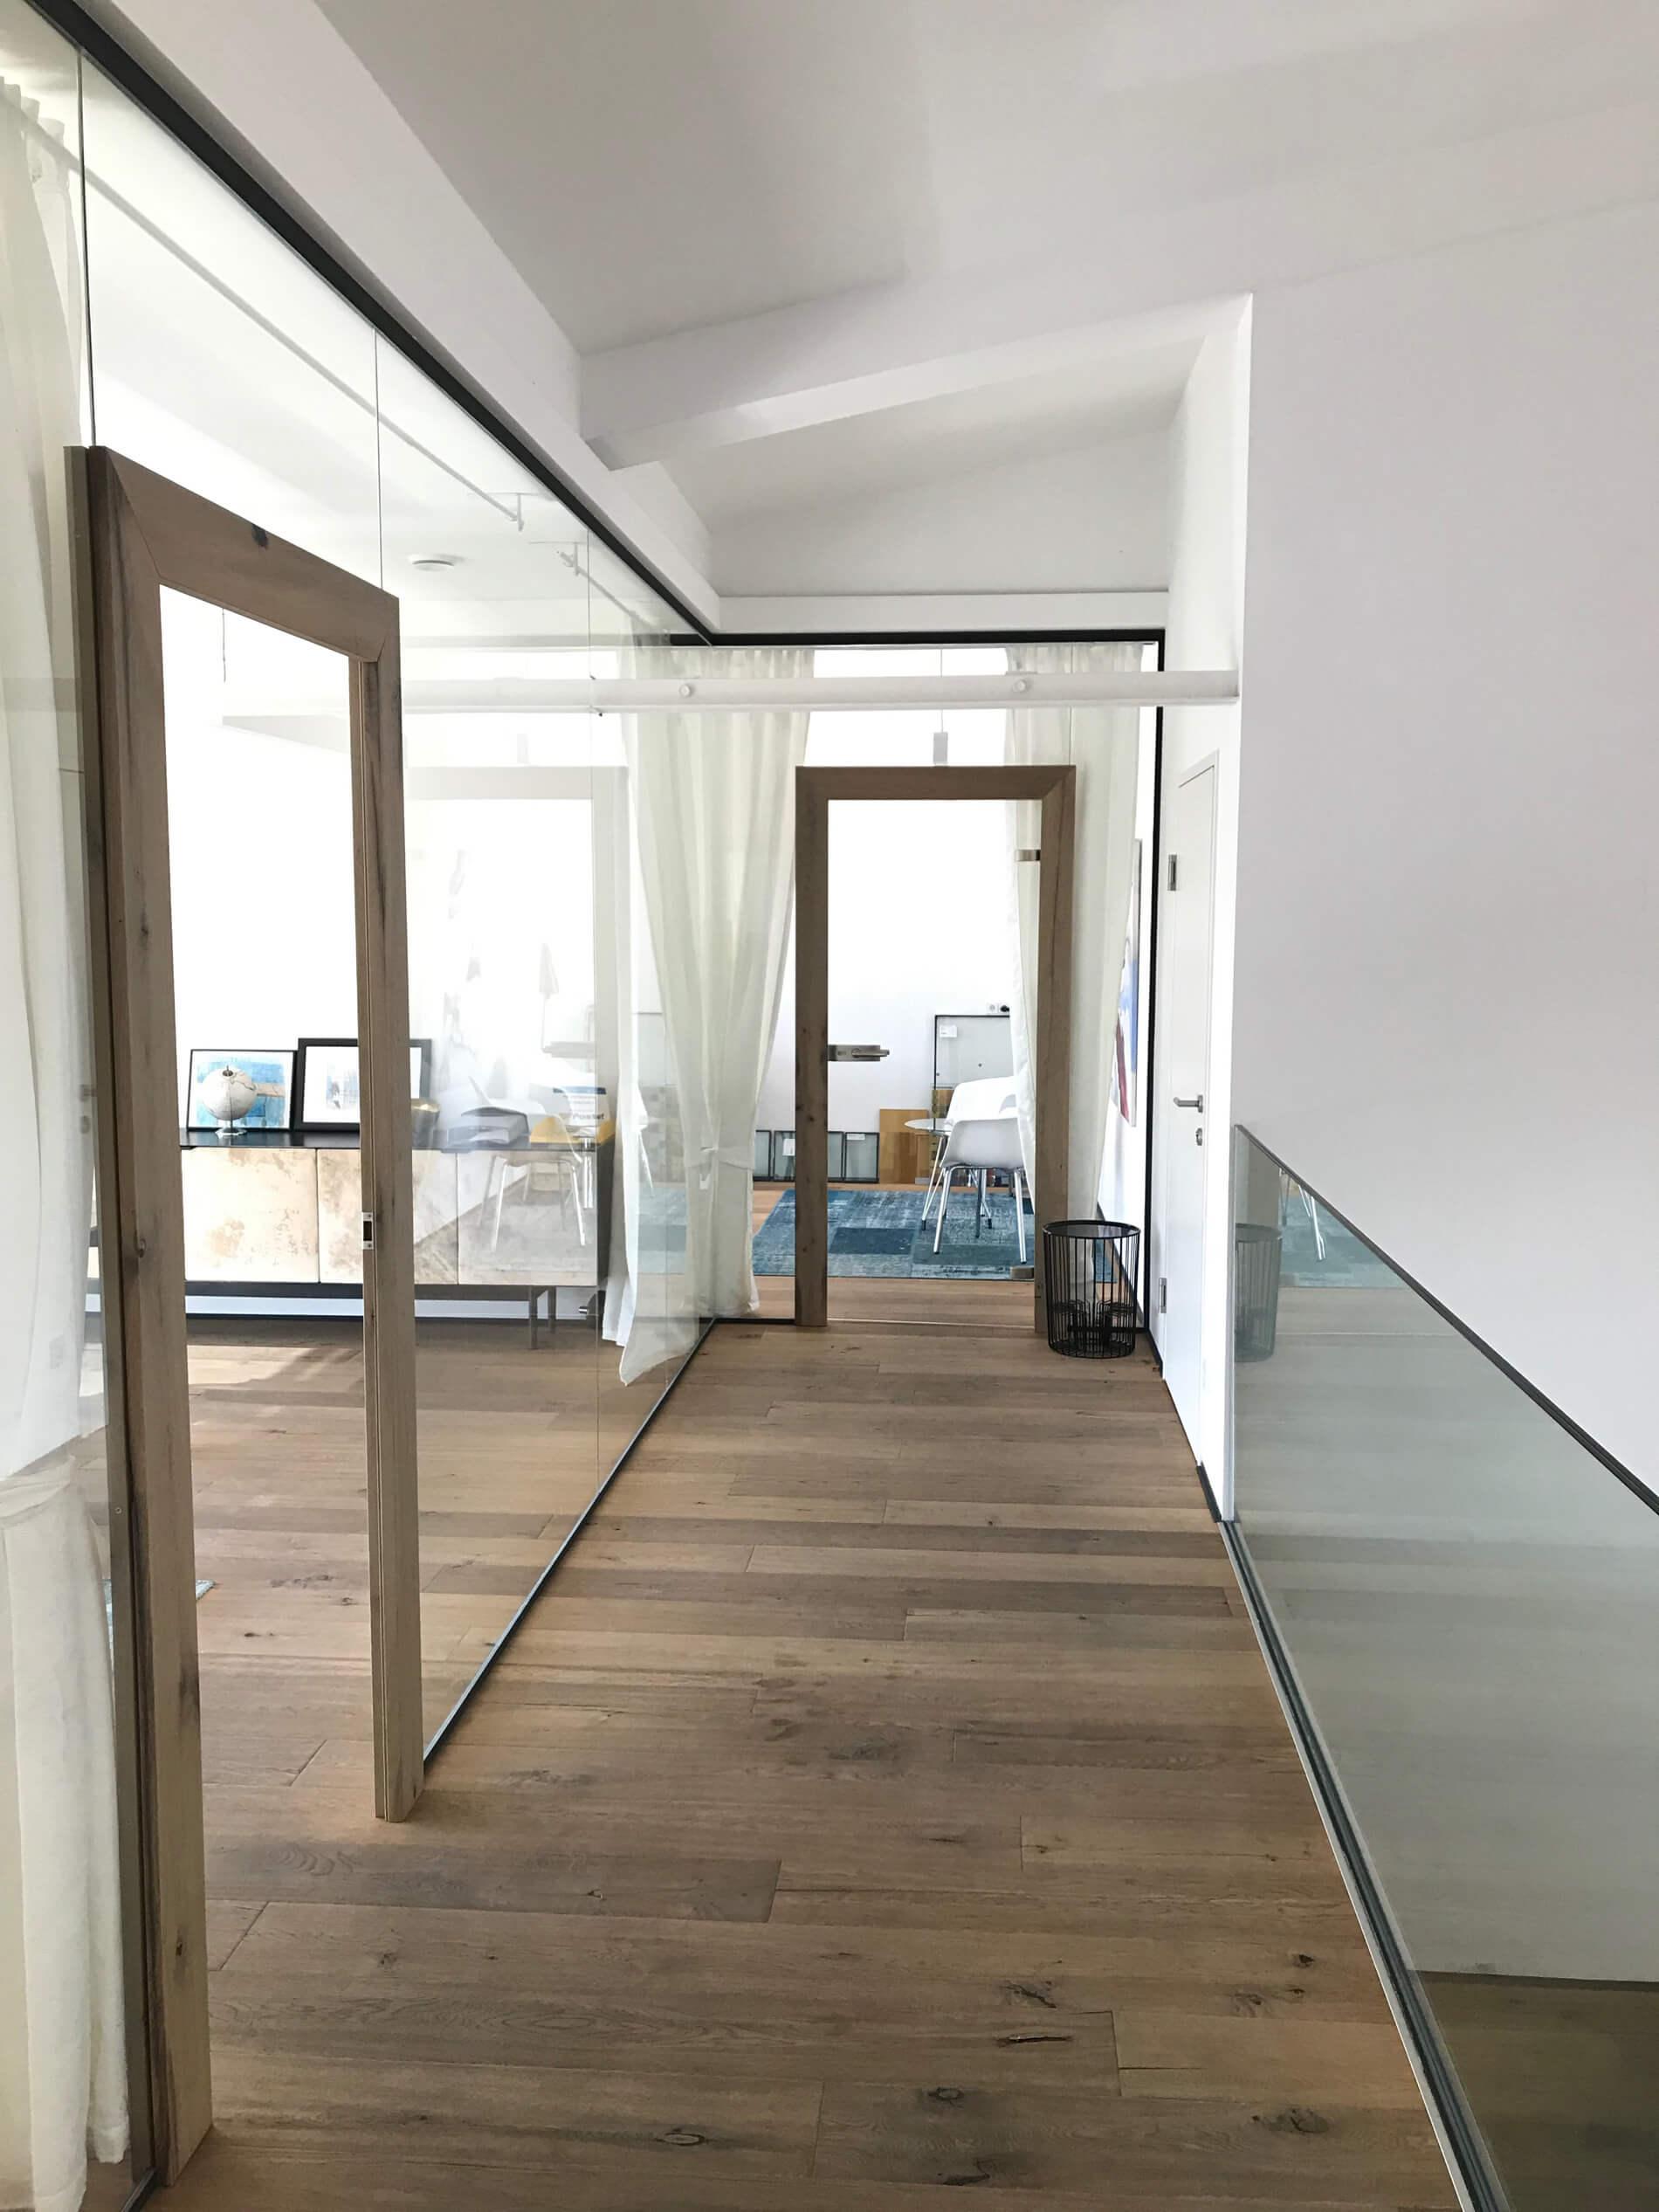 Verglasungen für den Innenbereich